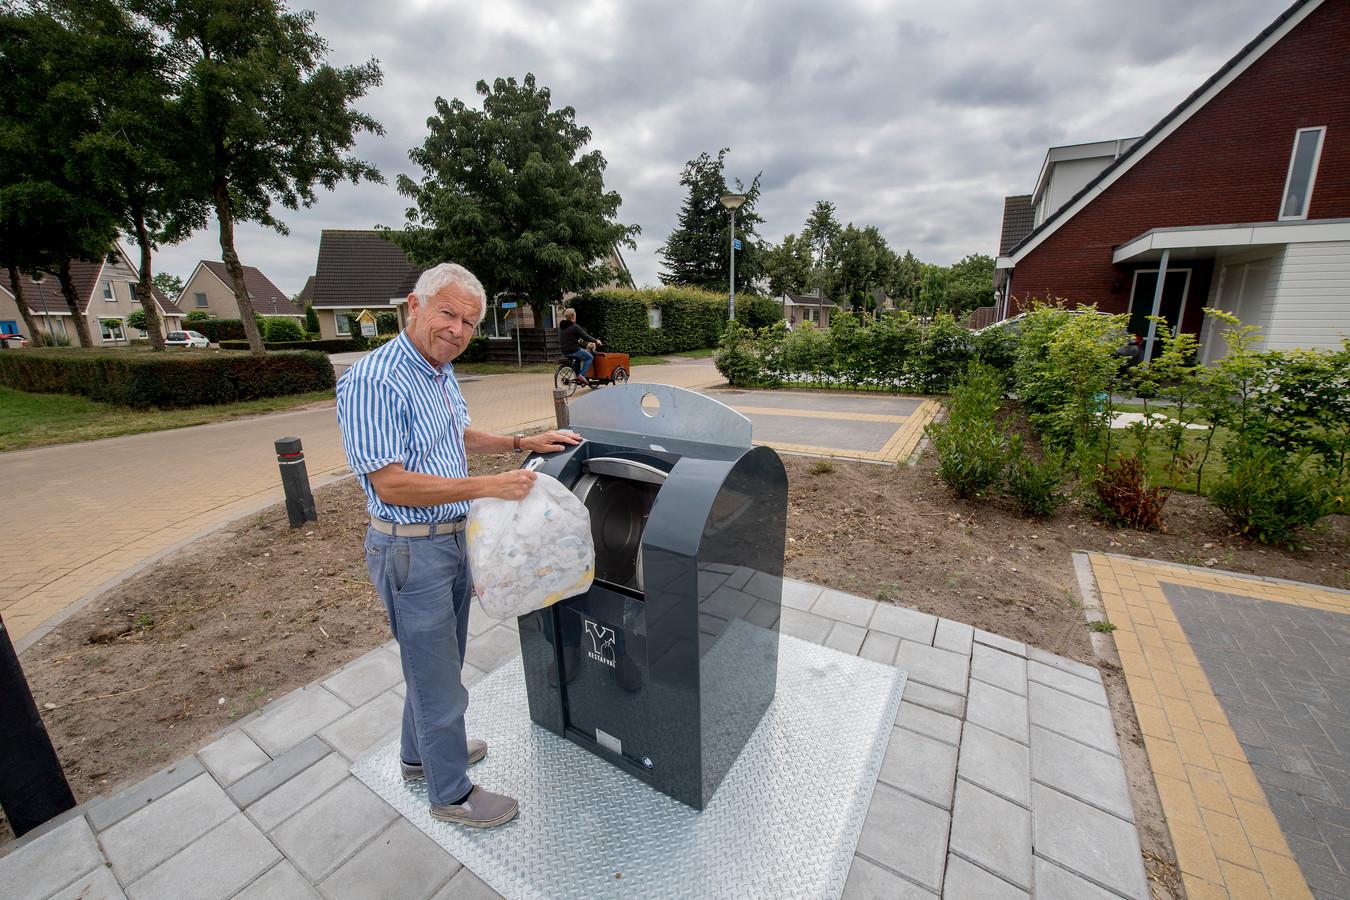 Buurtbewoner Don van der Linden bij de restafvalcontainer van de Avri, pal naast zijn woning.